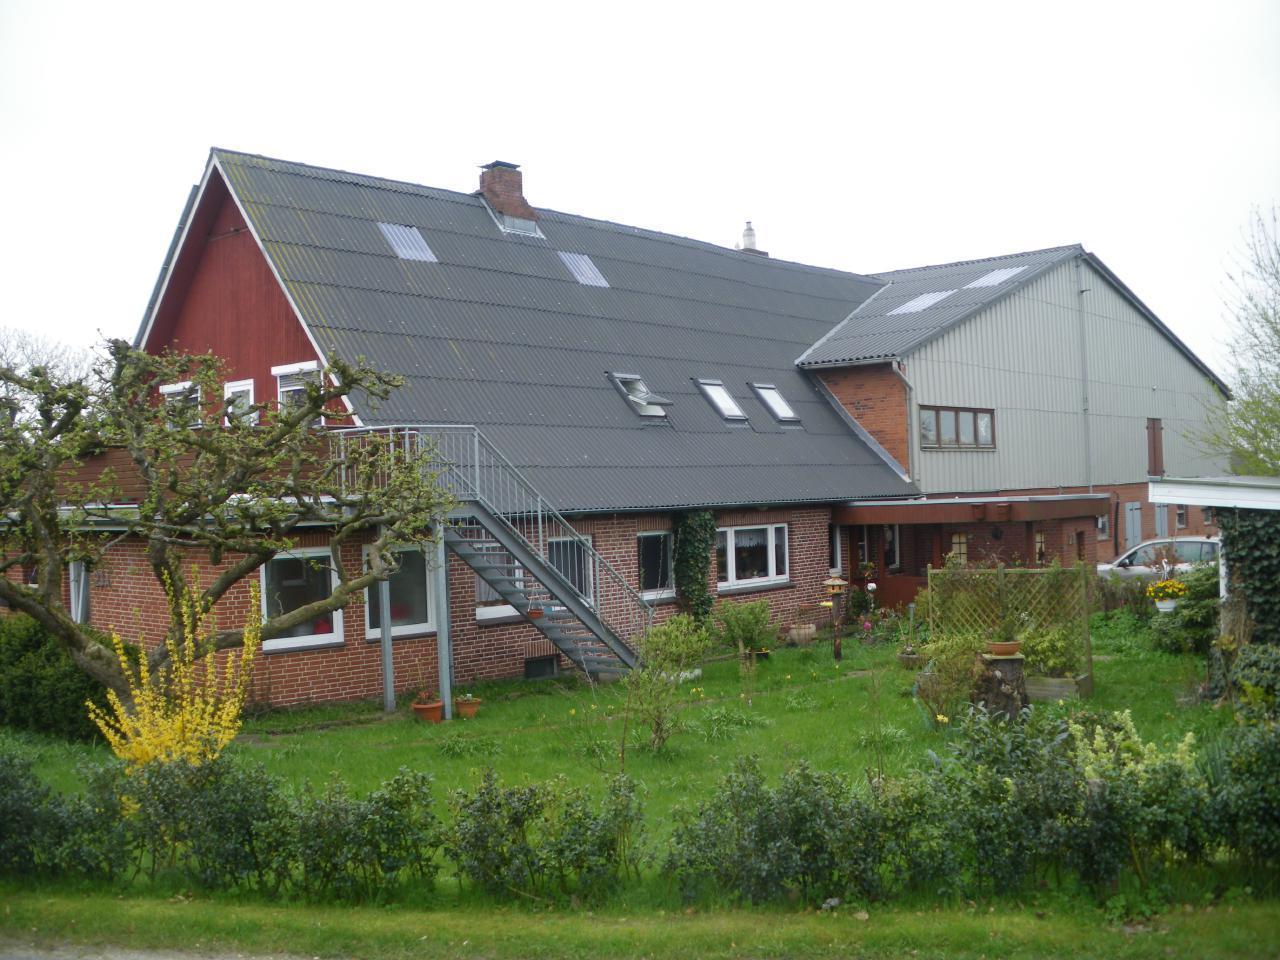 ehem. Bauernhof - Metall-Außentreppe - (1 m breit) direkt zum Balkon und somit zur FeWo